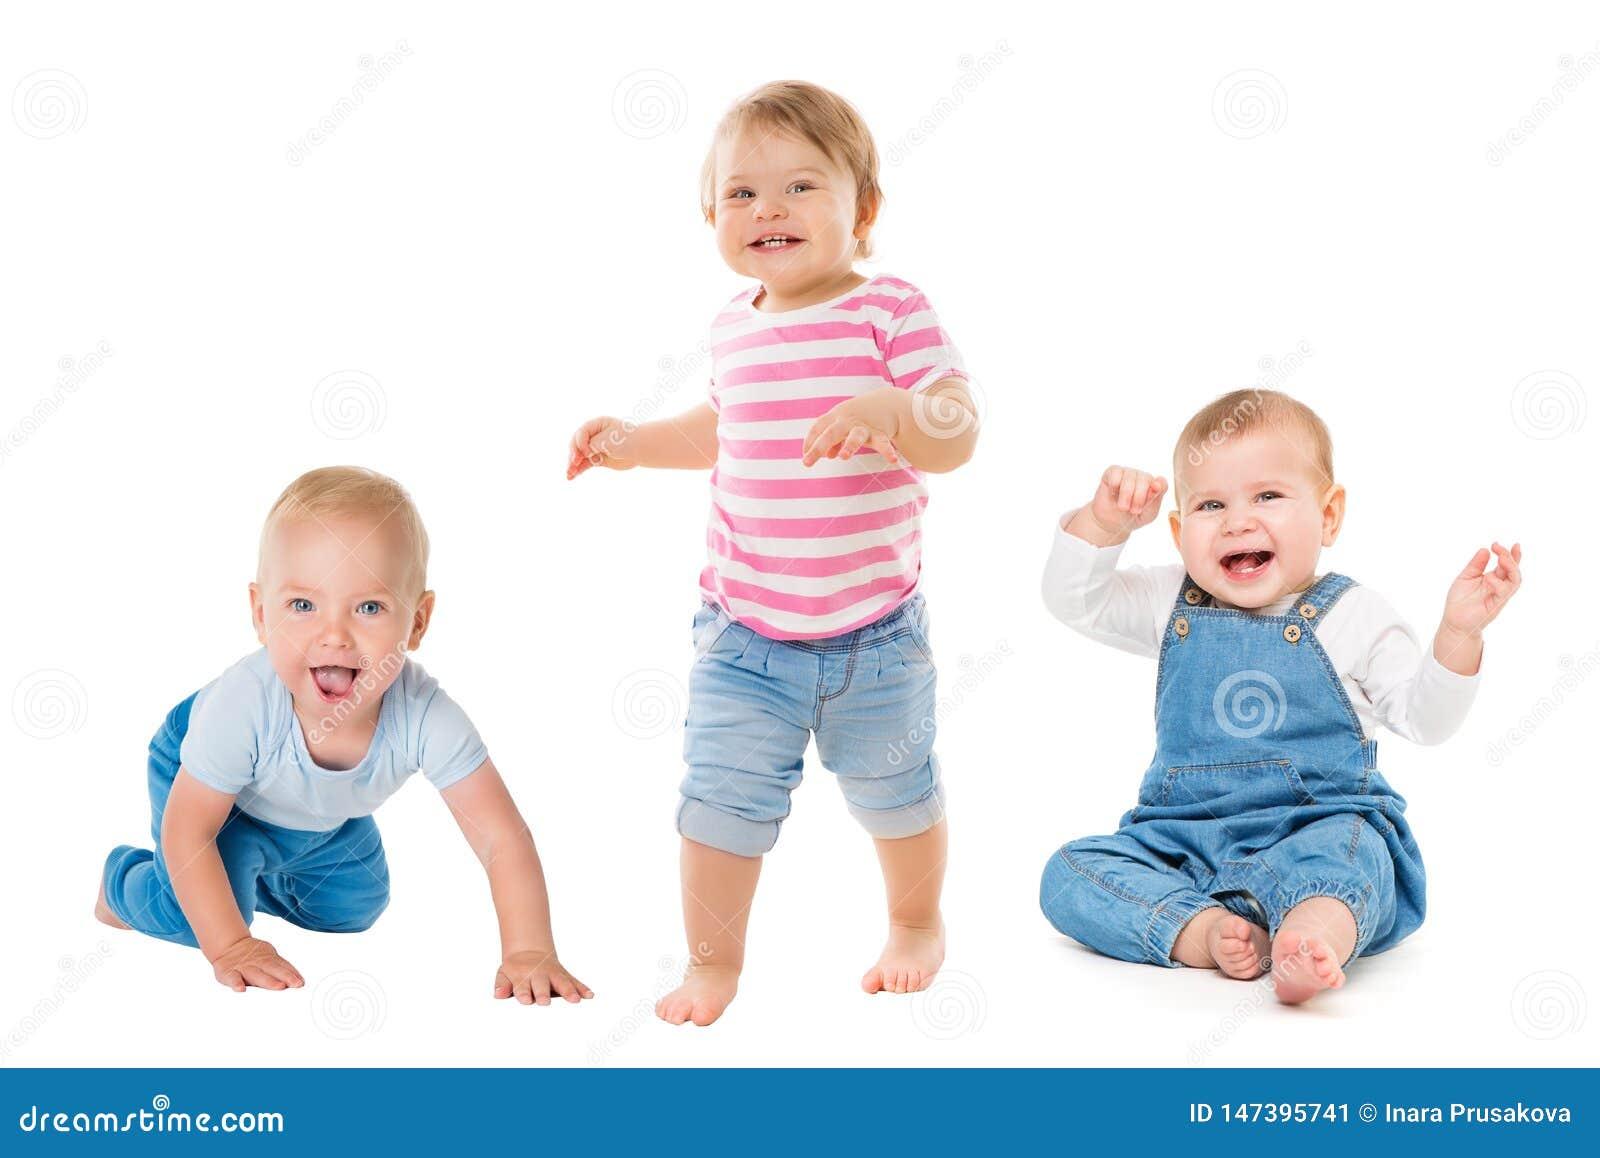 Meninas dos meninos de bebês, crianças infantis eretas de assento de rastejamento, grupo crescente das crianças das crianças isol